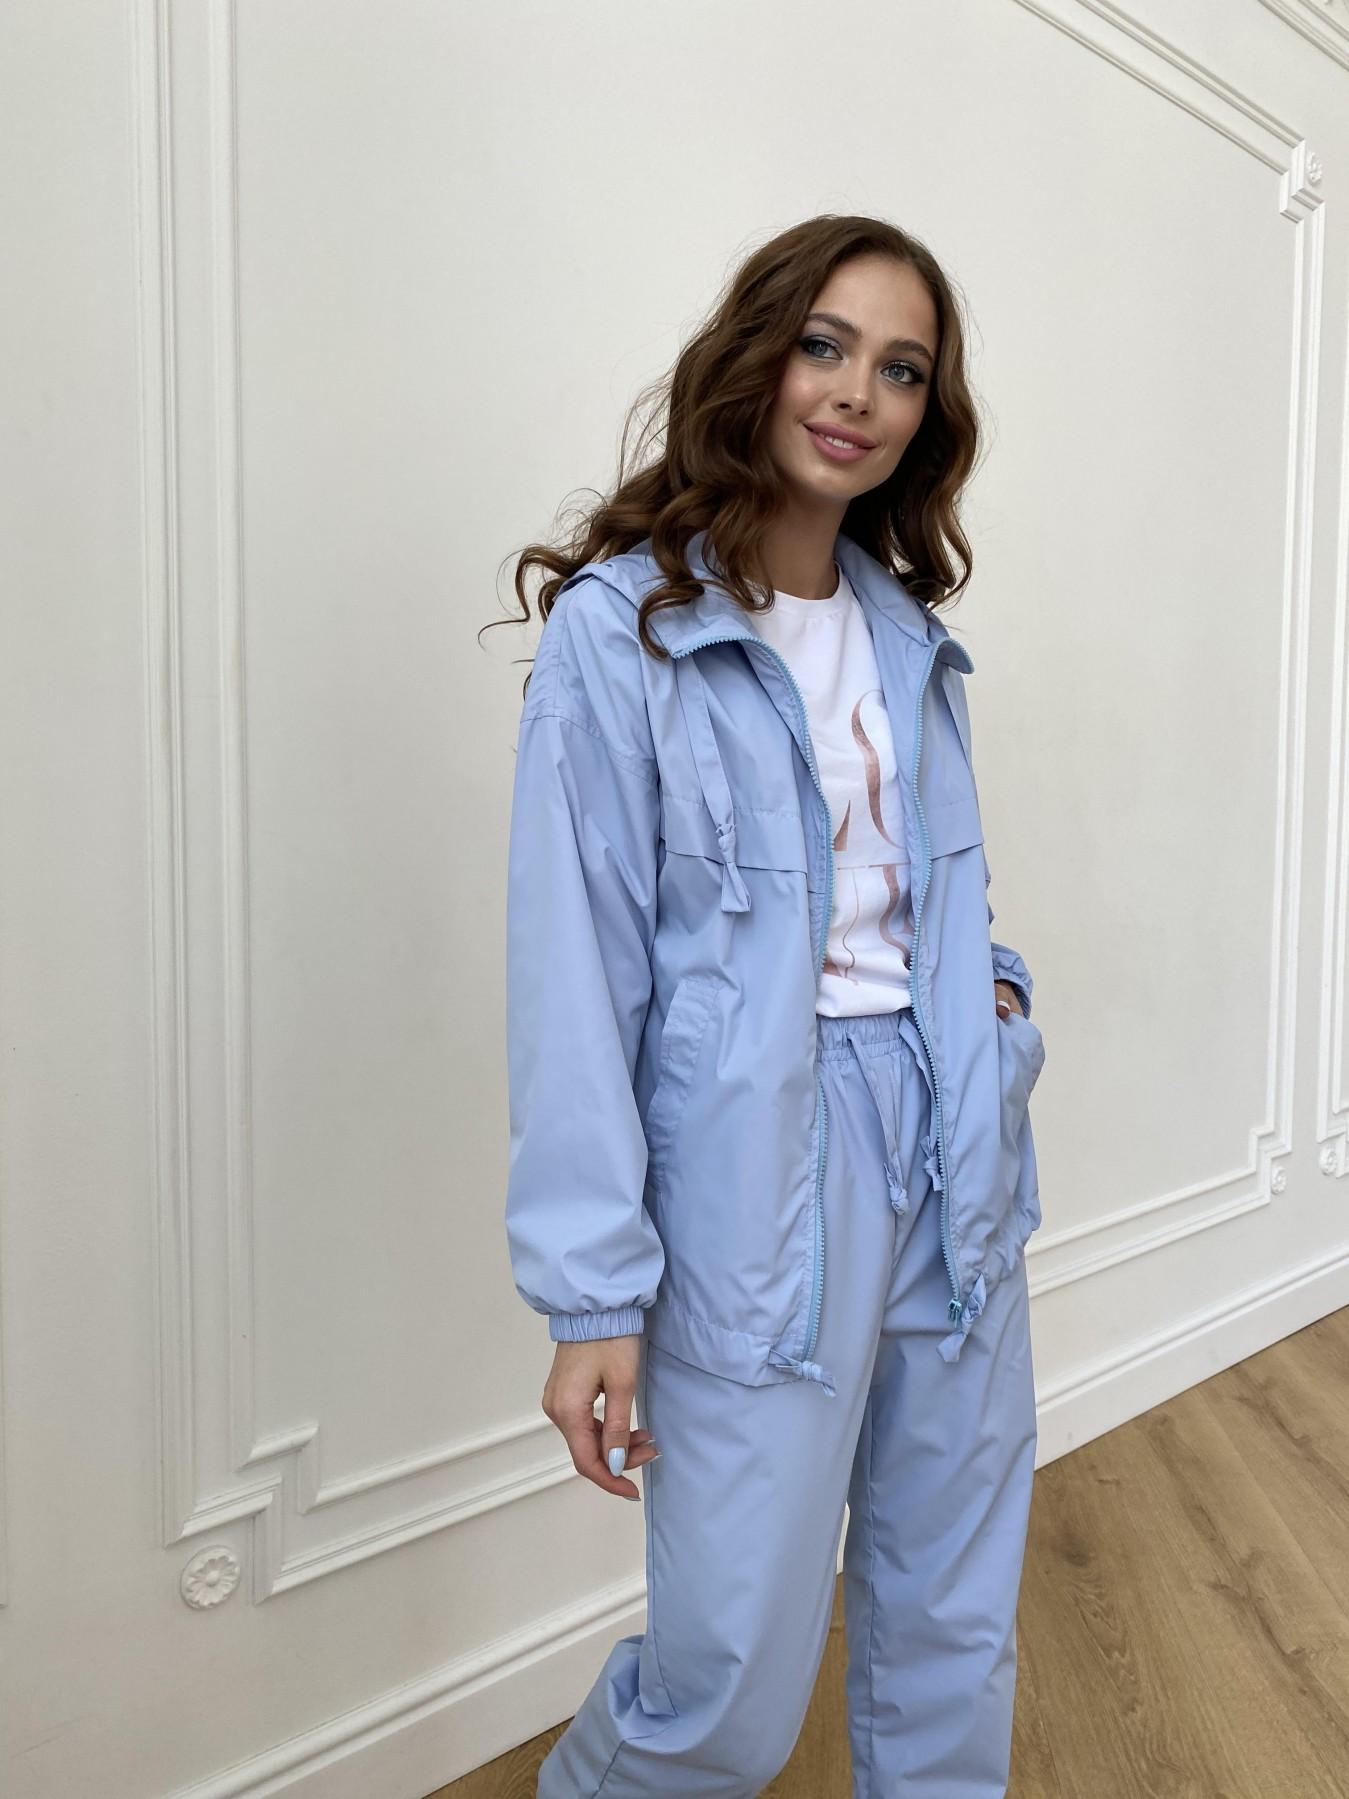 Фит куртка из плащевой ткани Ammy 11013 АРТ. 47712 Цвет: Голубой 1021 - фото 2, интернет магазин tm-modus.ru